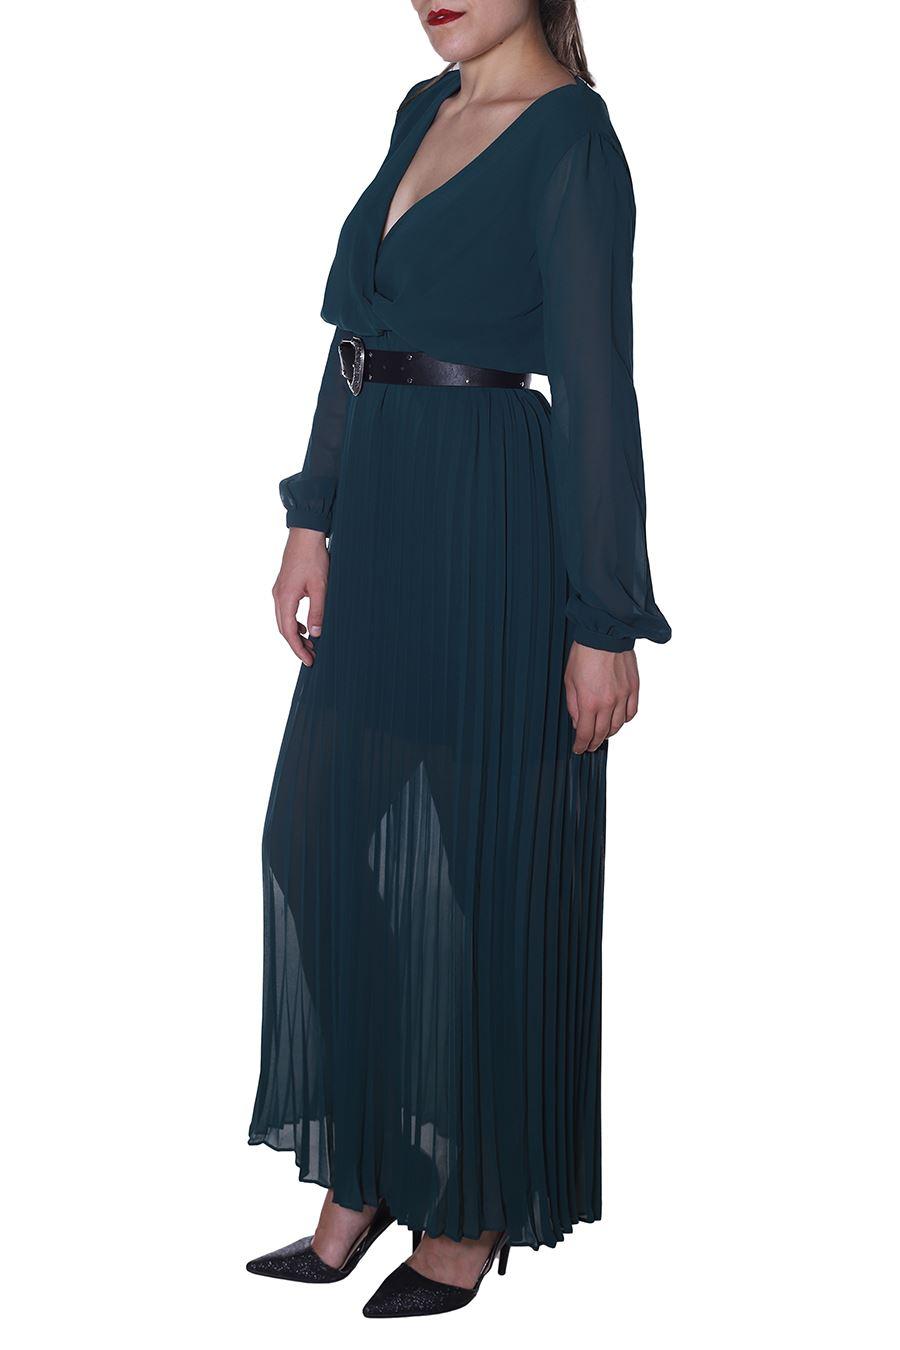 premium selection df2c9 f4e11 Machi di Mare - Shop online dei migliori marchi di moda